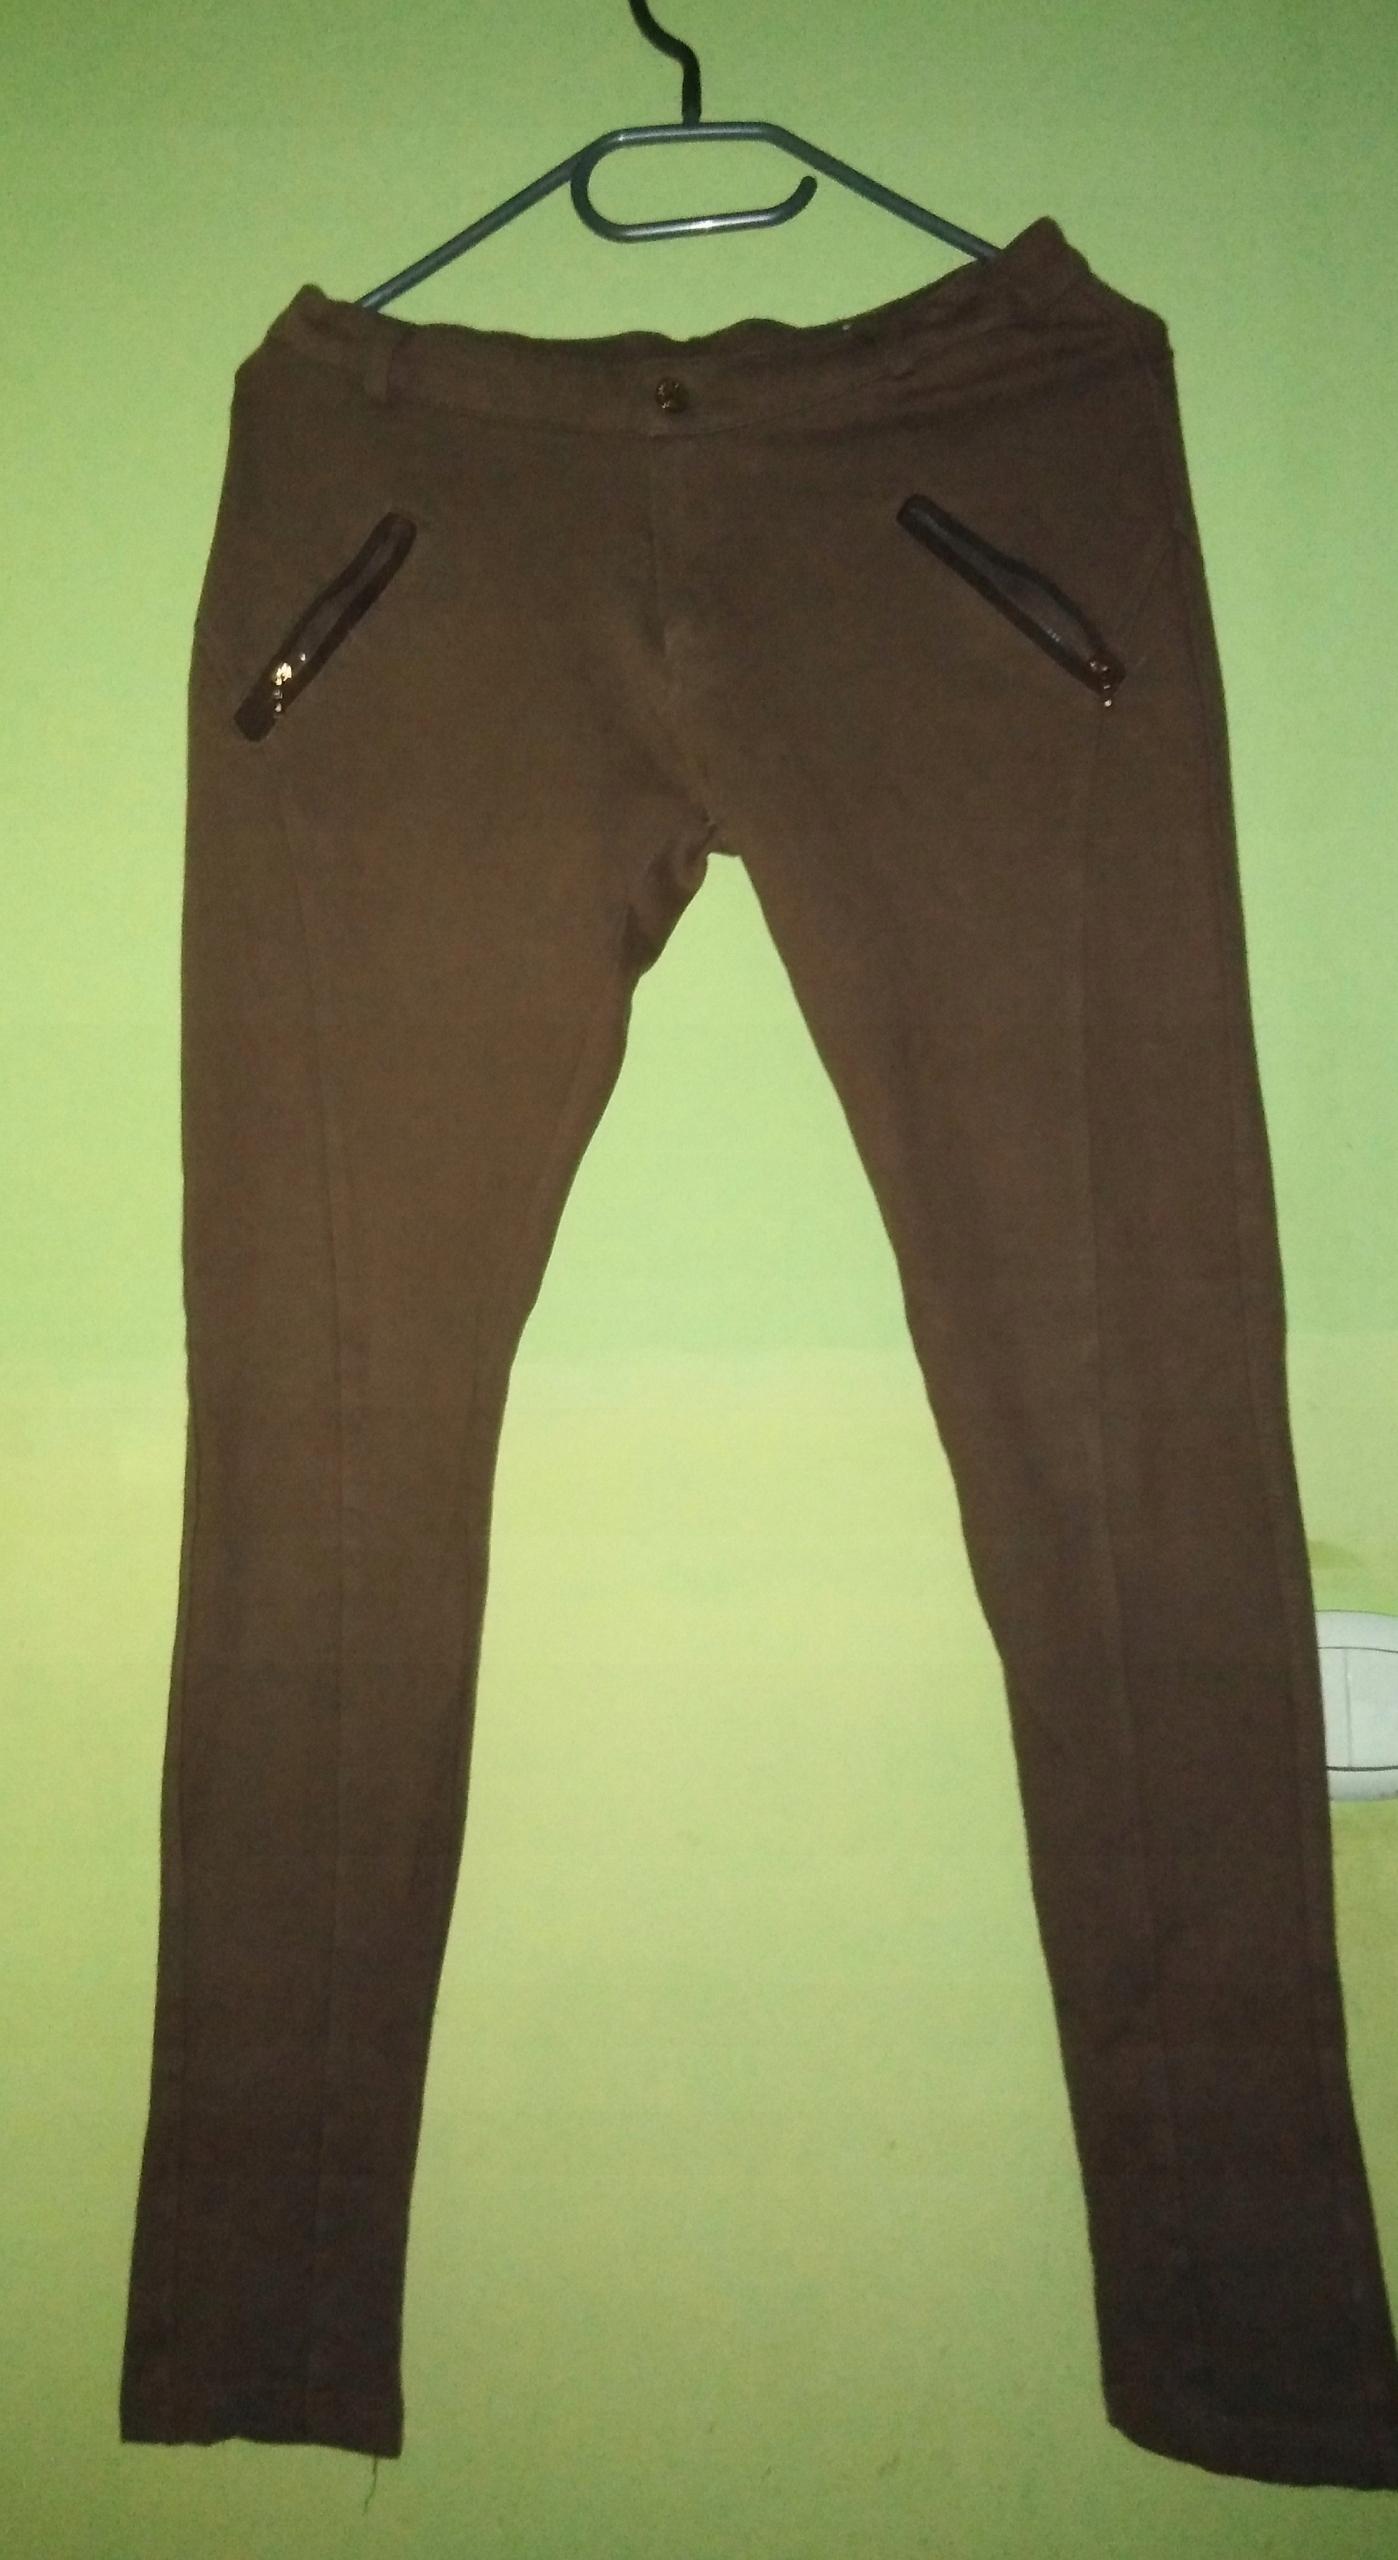 dcf843731d Spodnie damskie ROZM 162 cm - 7577574696 - oficjalne archiwum allegro